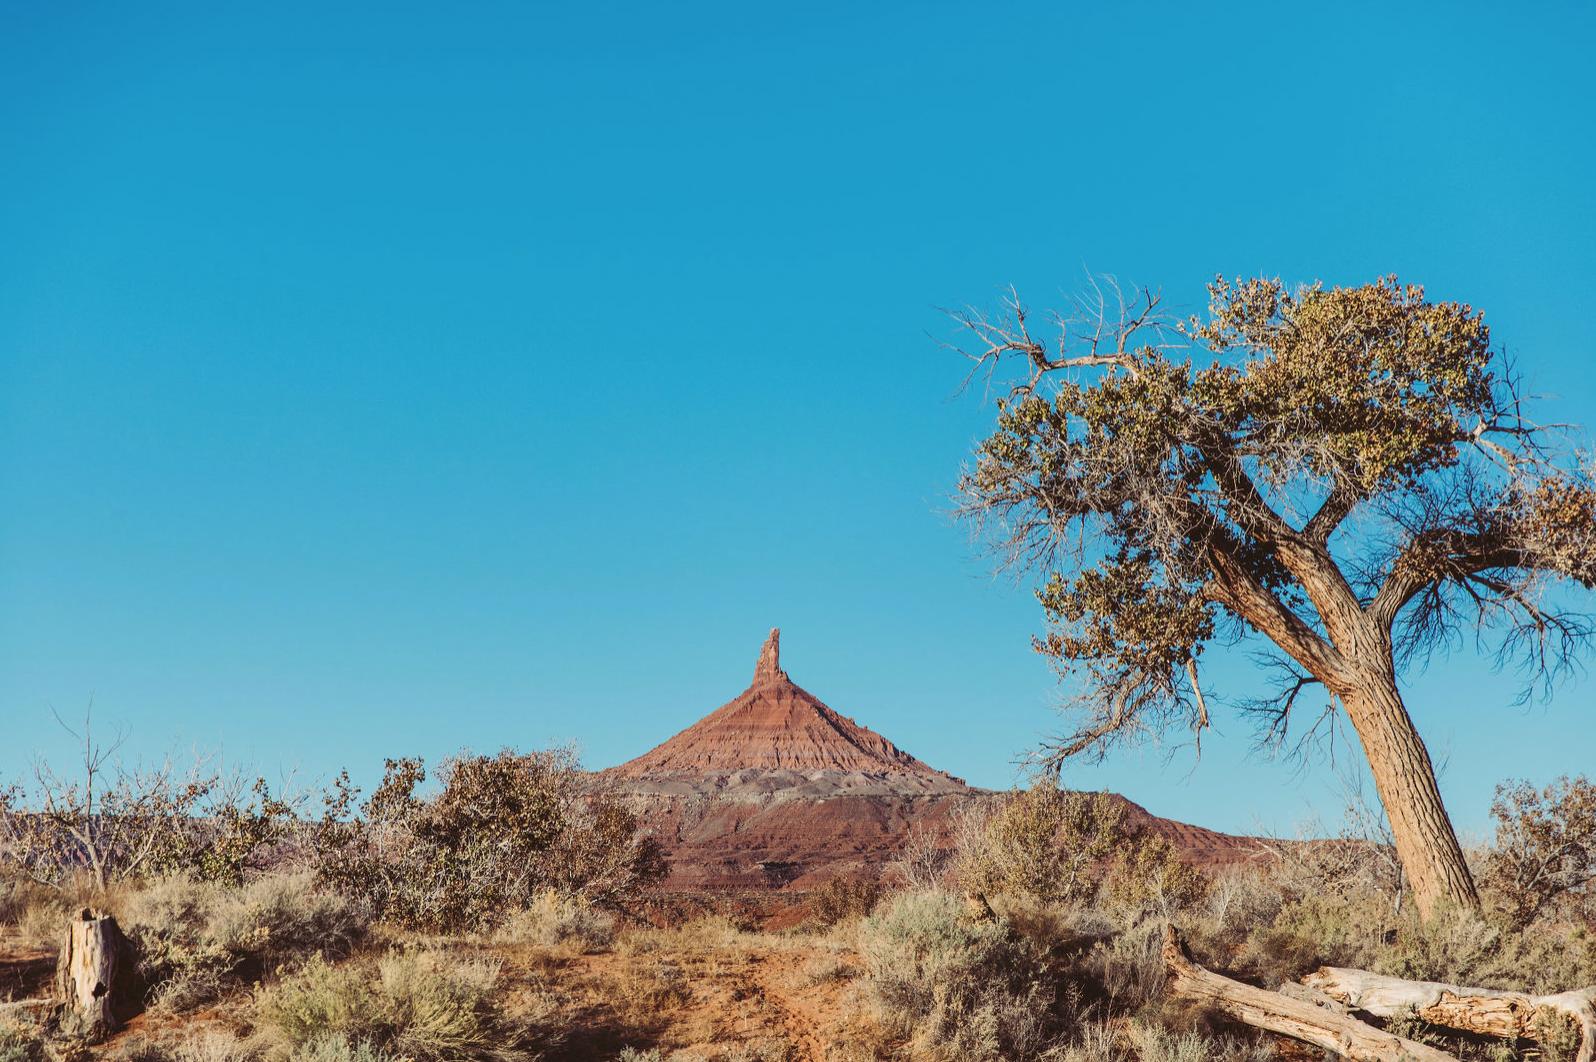 mountain in desert